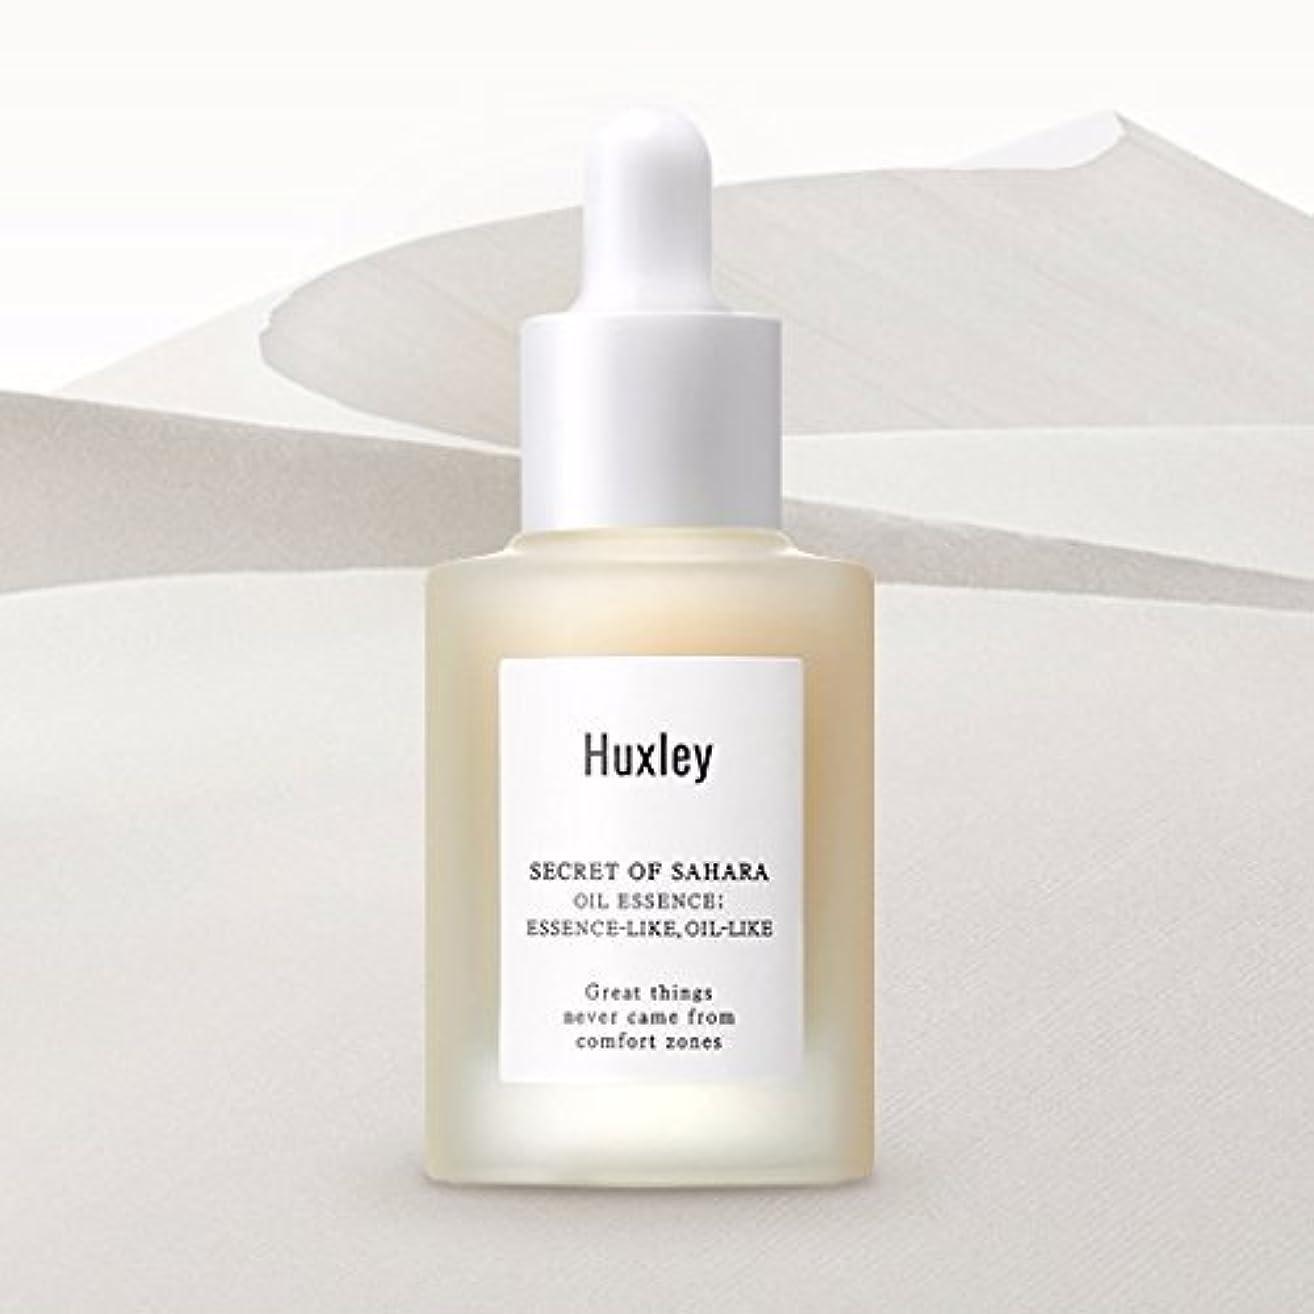 包括的無法者伝染病ハクスリー サハラ砂漠の秘密オイルエッセンス30ml / Huxley Secret of Sahara OIL Essence (Essence-Like, Oil-Like) 30ml (1.01fl.oz.) Made...